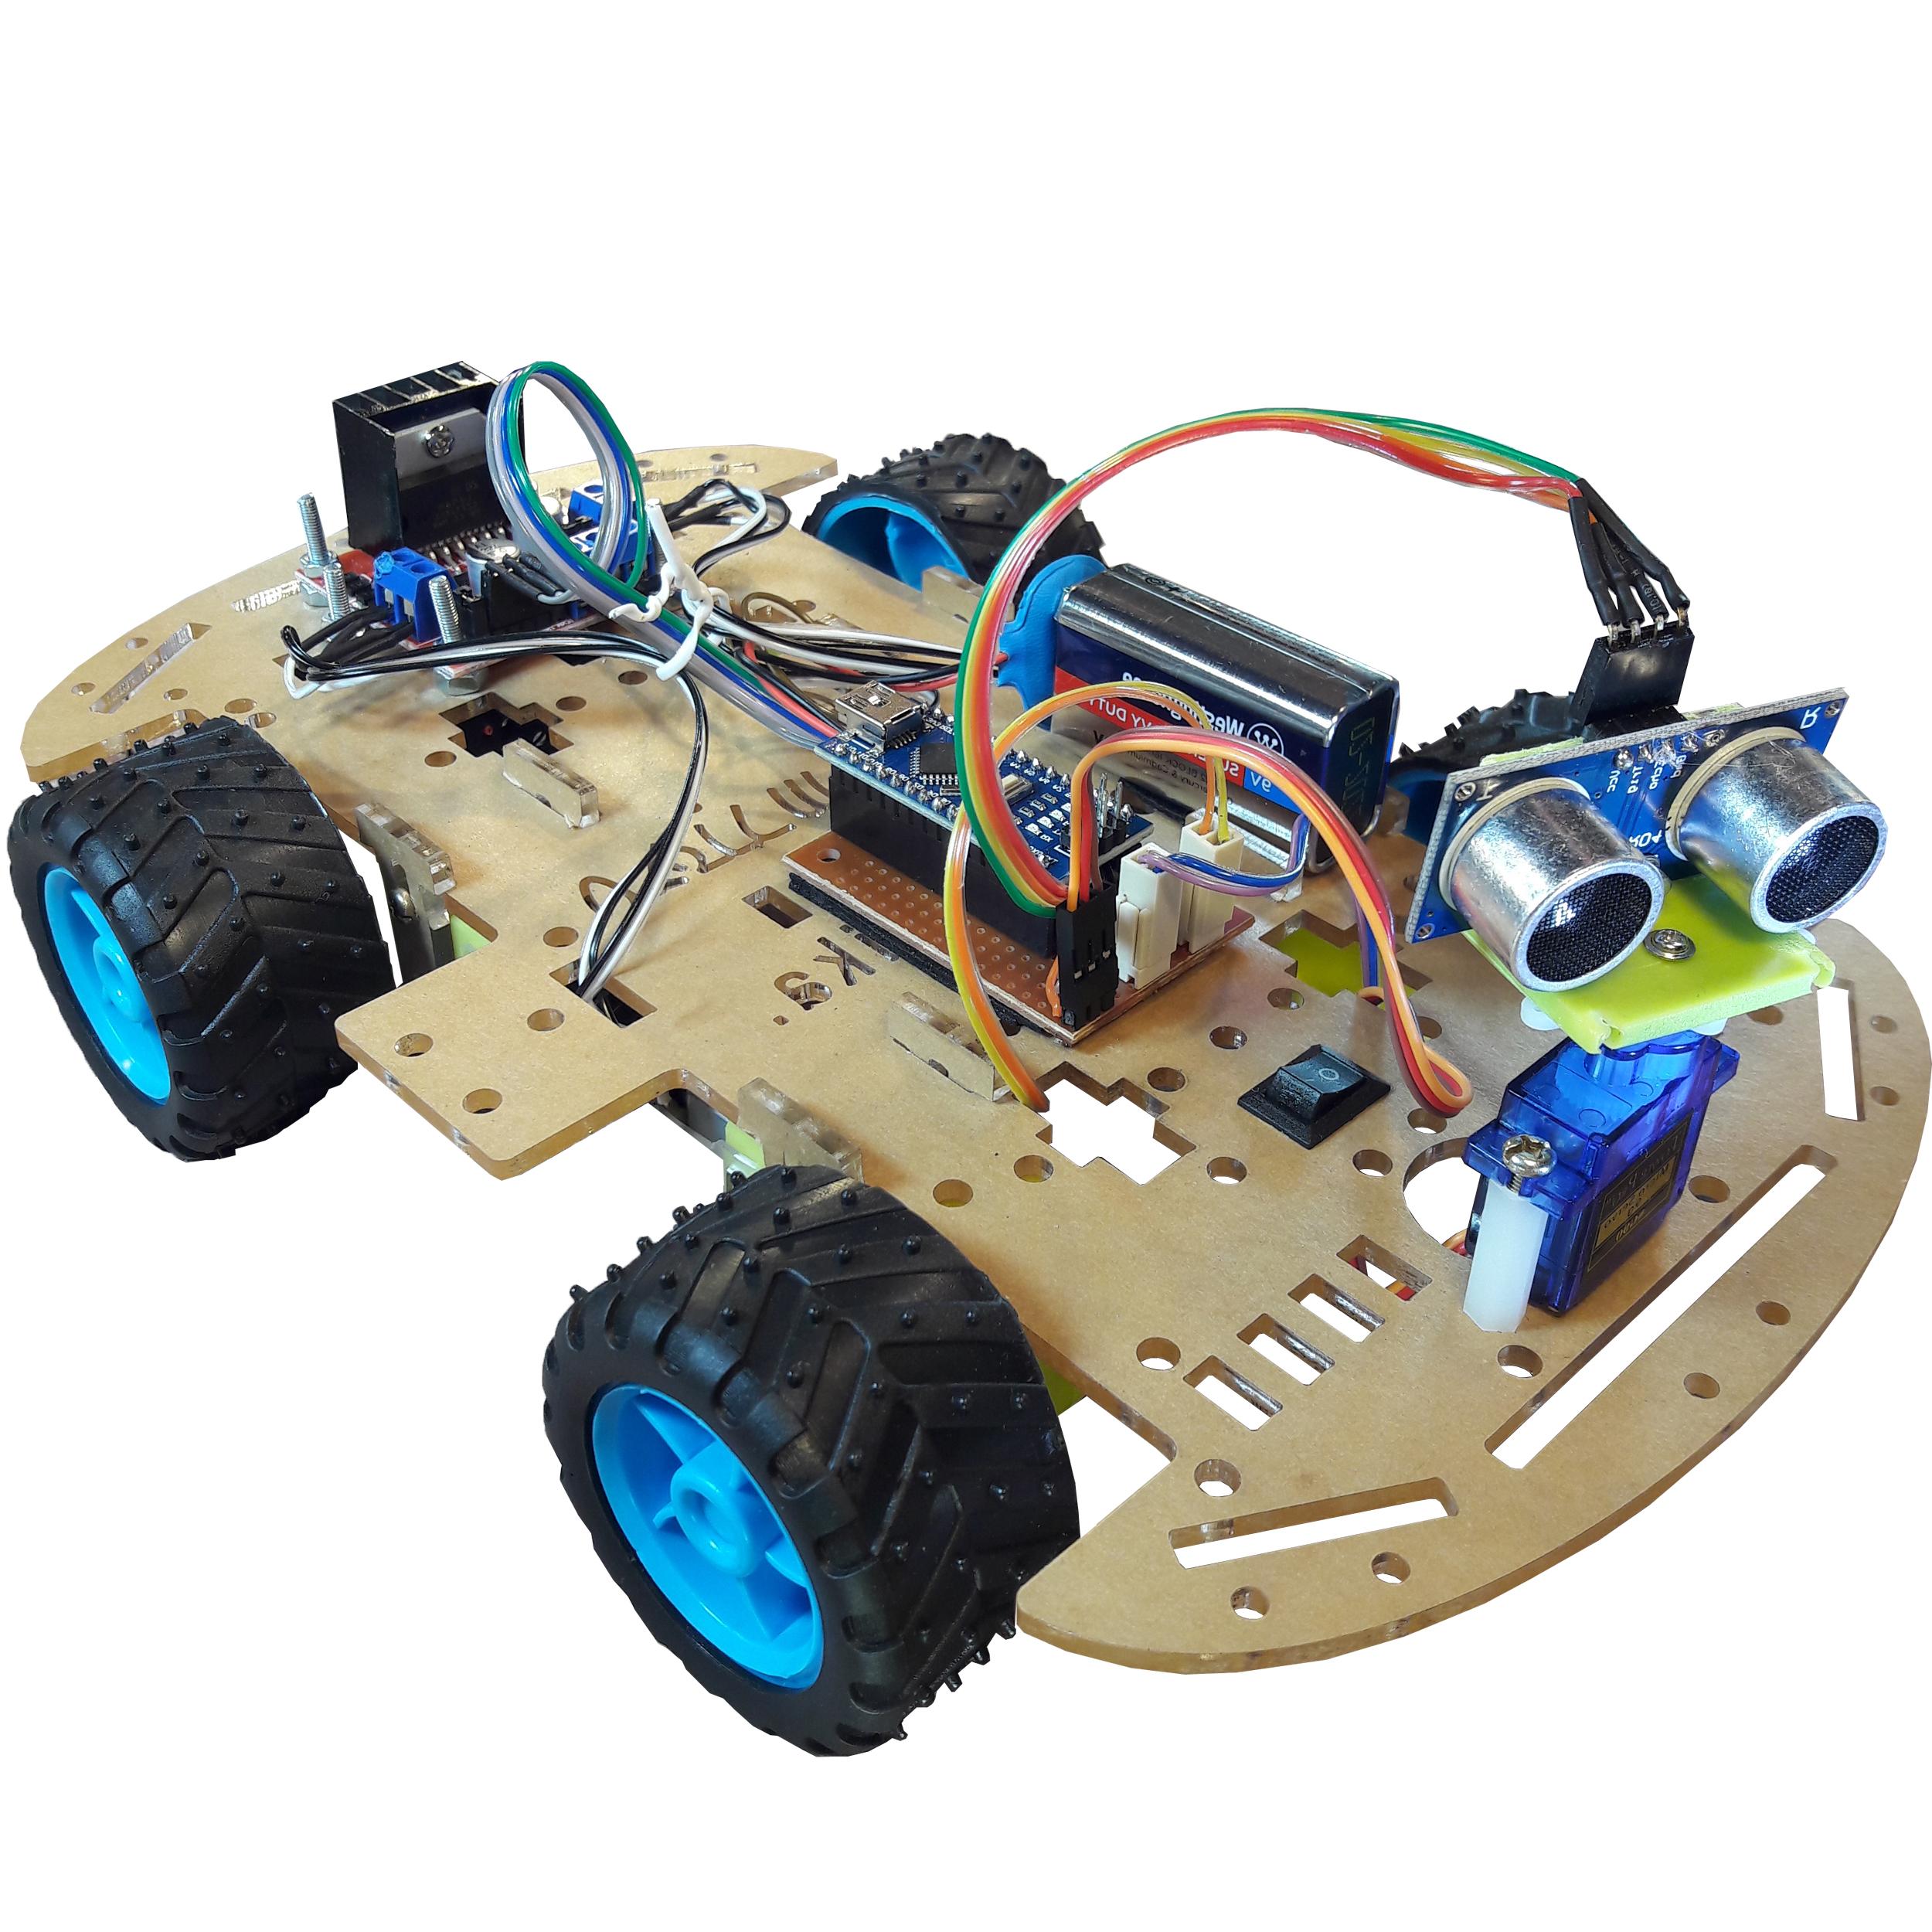 ربات تشخیص مانع مهندسیکا مدل 4W-M40